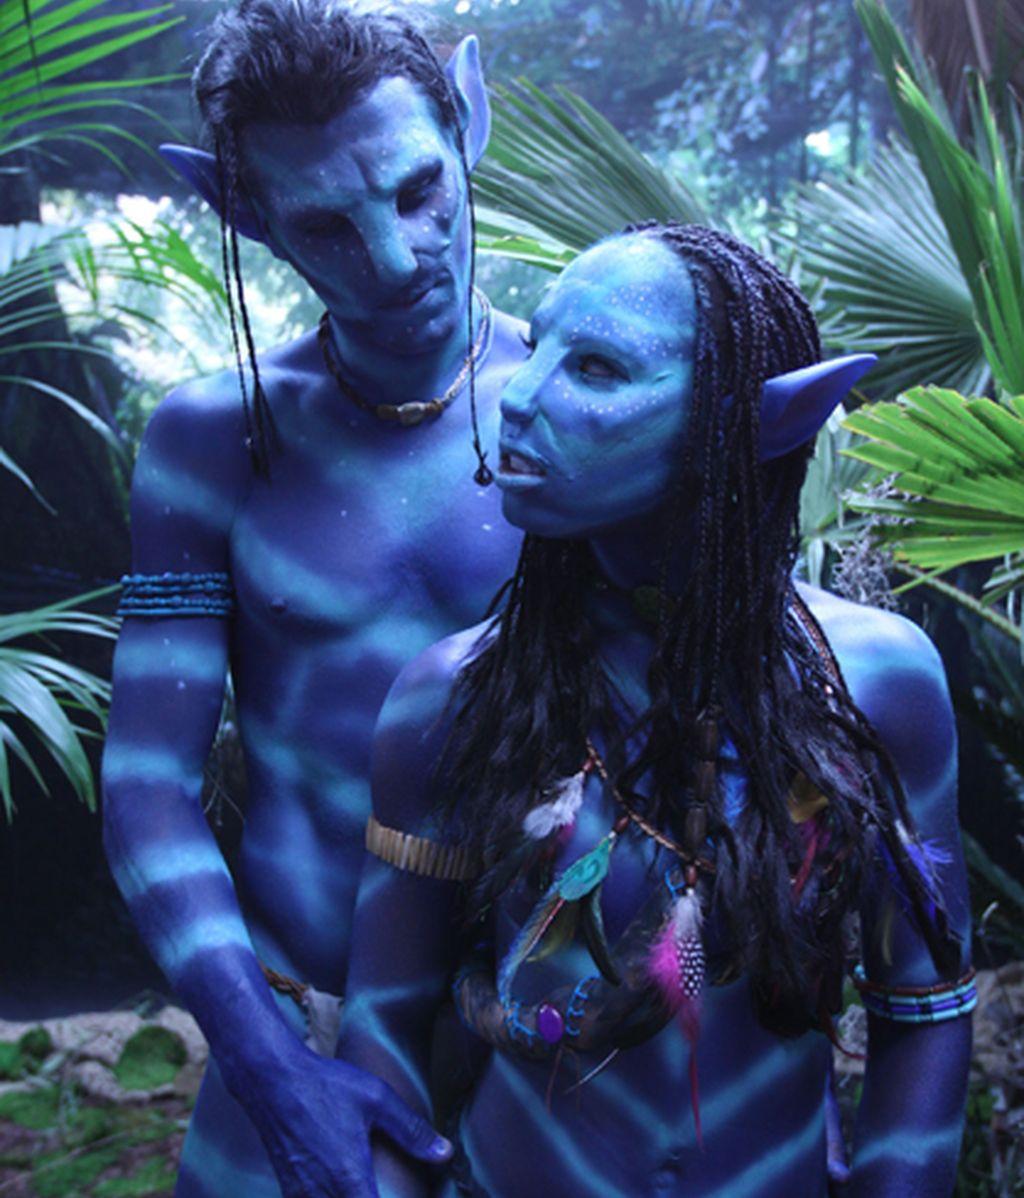 Avatar, la versión porno en 3D